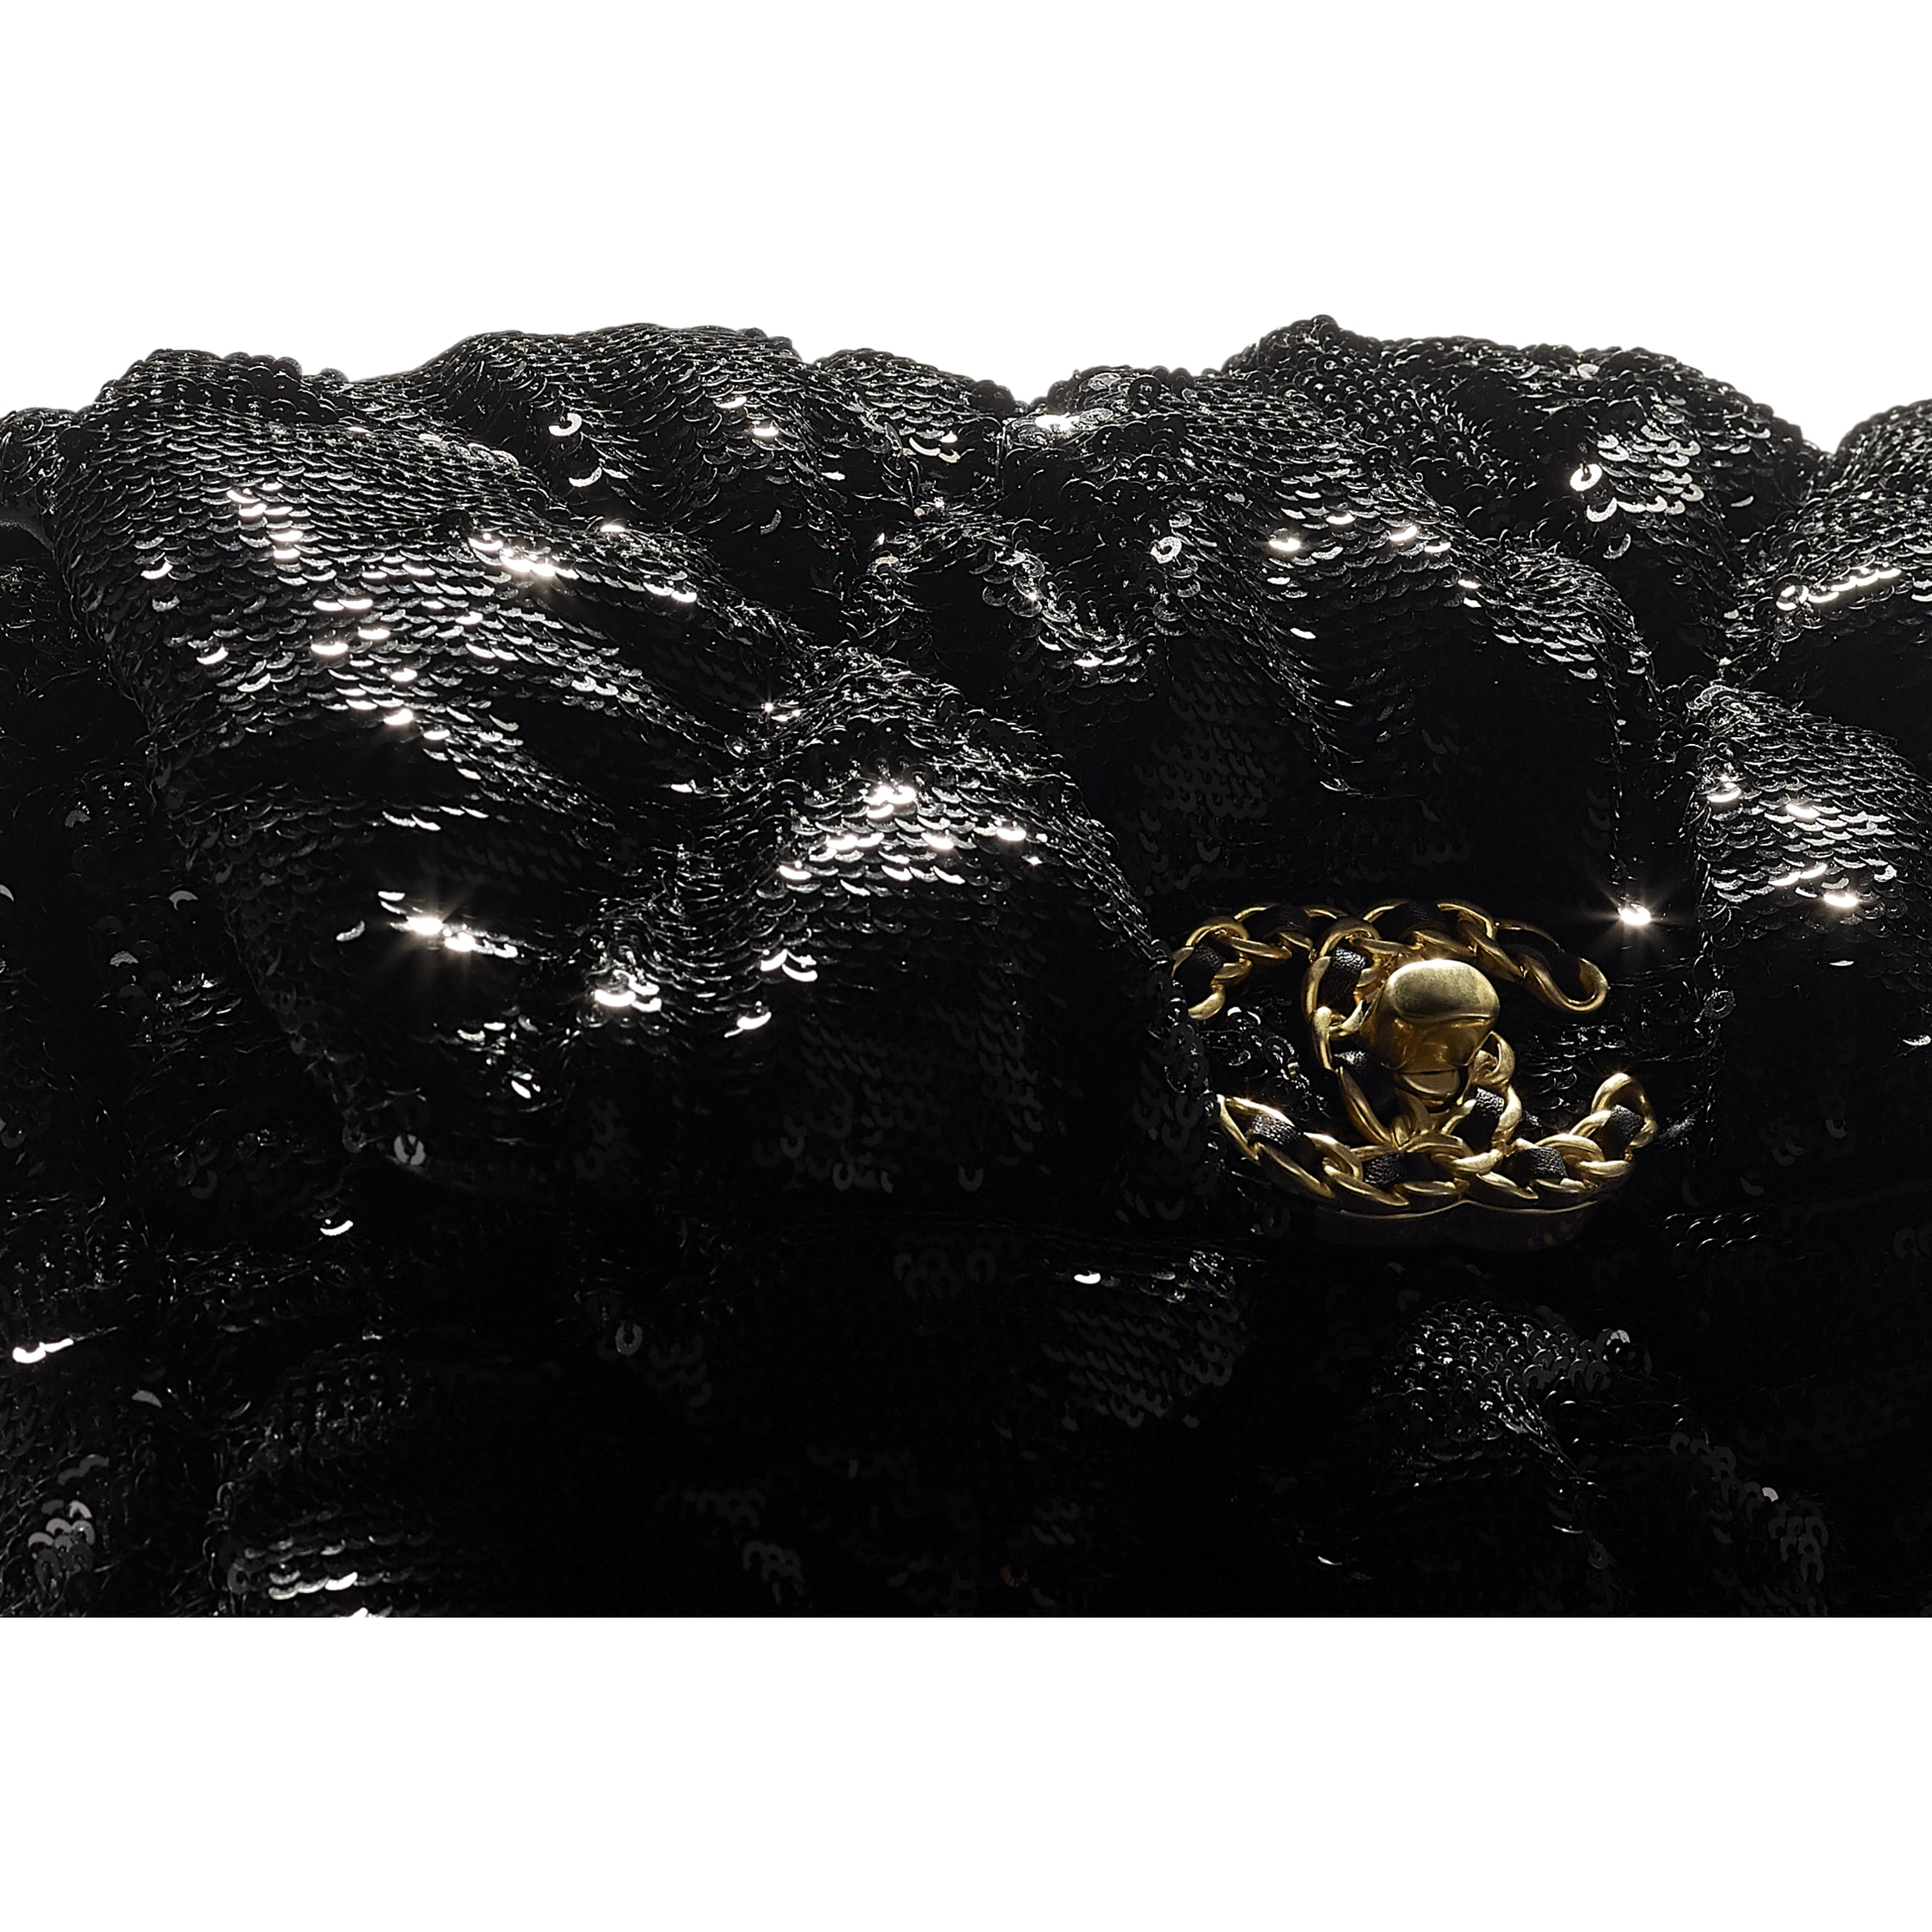 Bolsa CHANEL 19 - Black - Sequins, Gold-Tone, Siver-Tone & Ruthenium-Finish Metal - CHANEL - Vista extra - ver a versão em tamanho standard